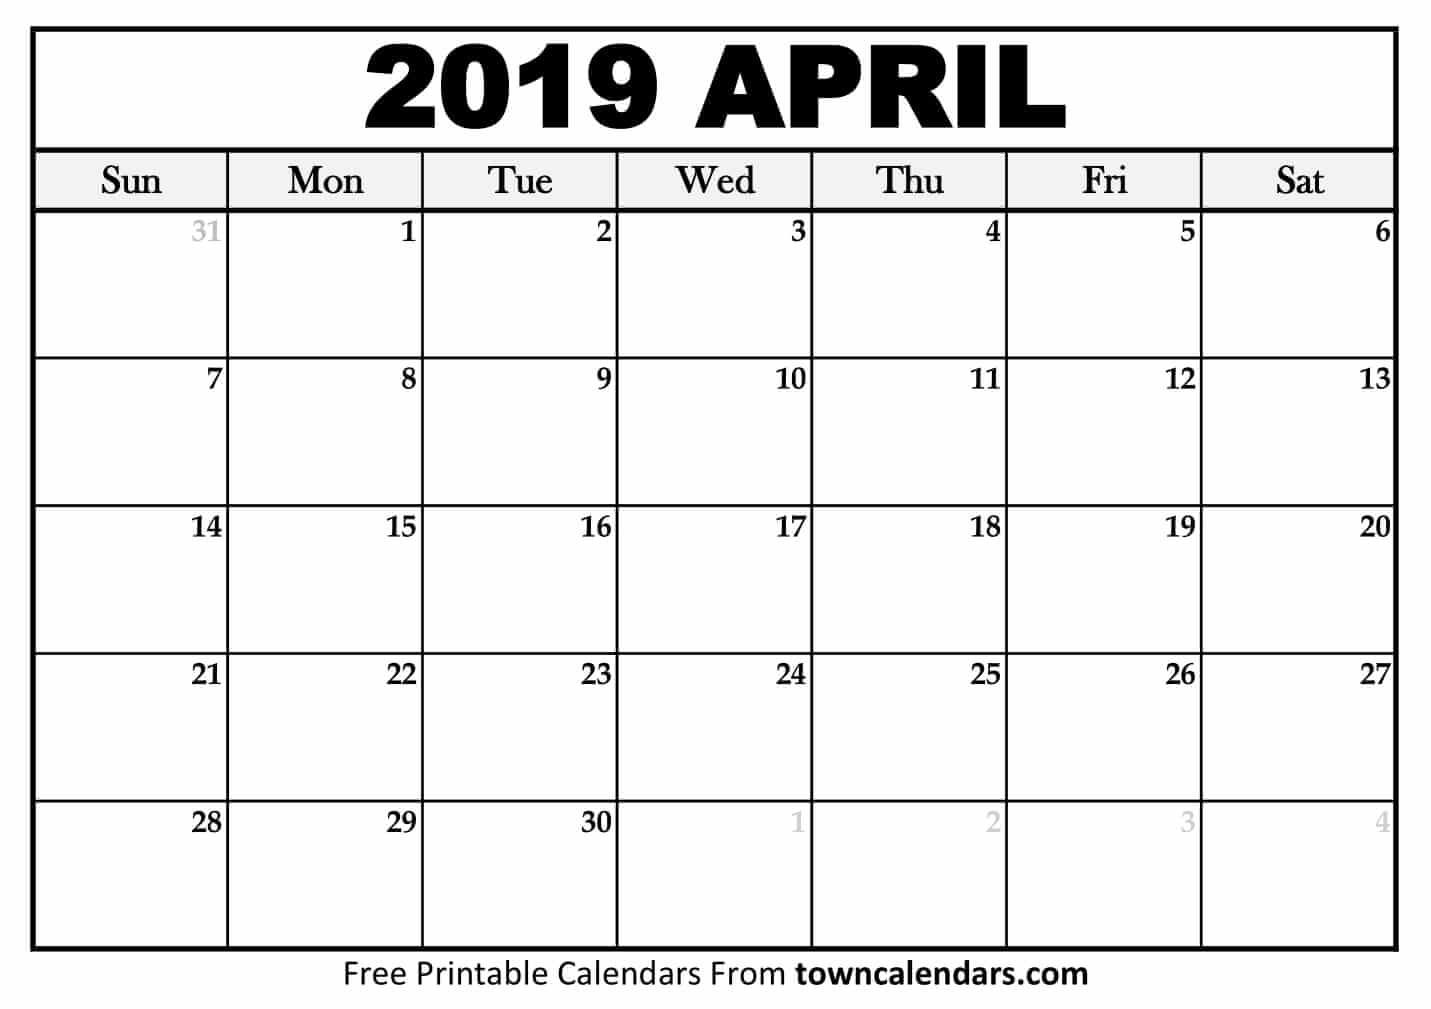 Printable April 2019 Calendar – Towncalendars April 1 2019 Calendar